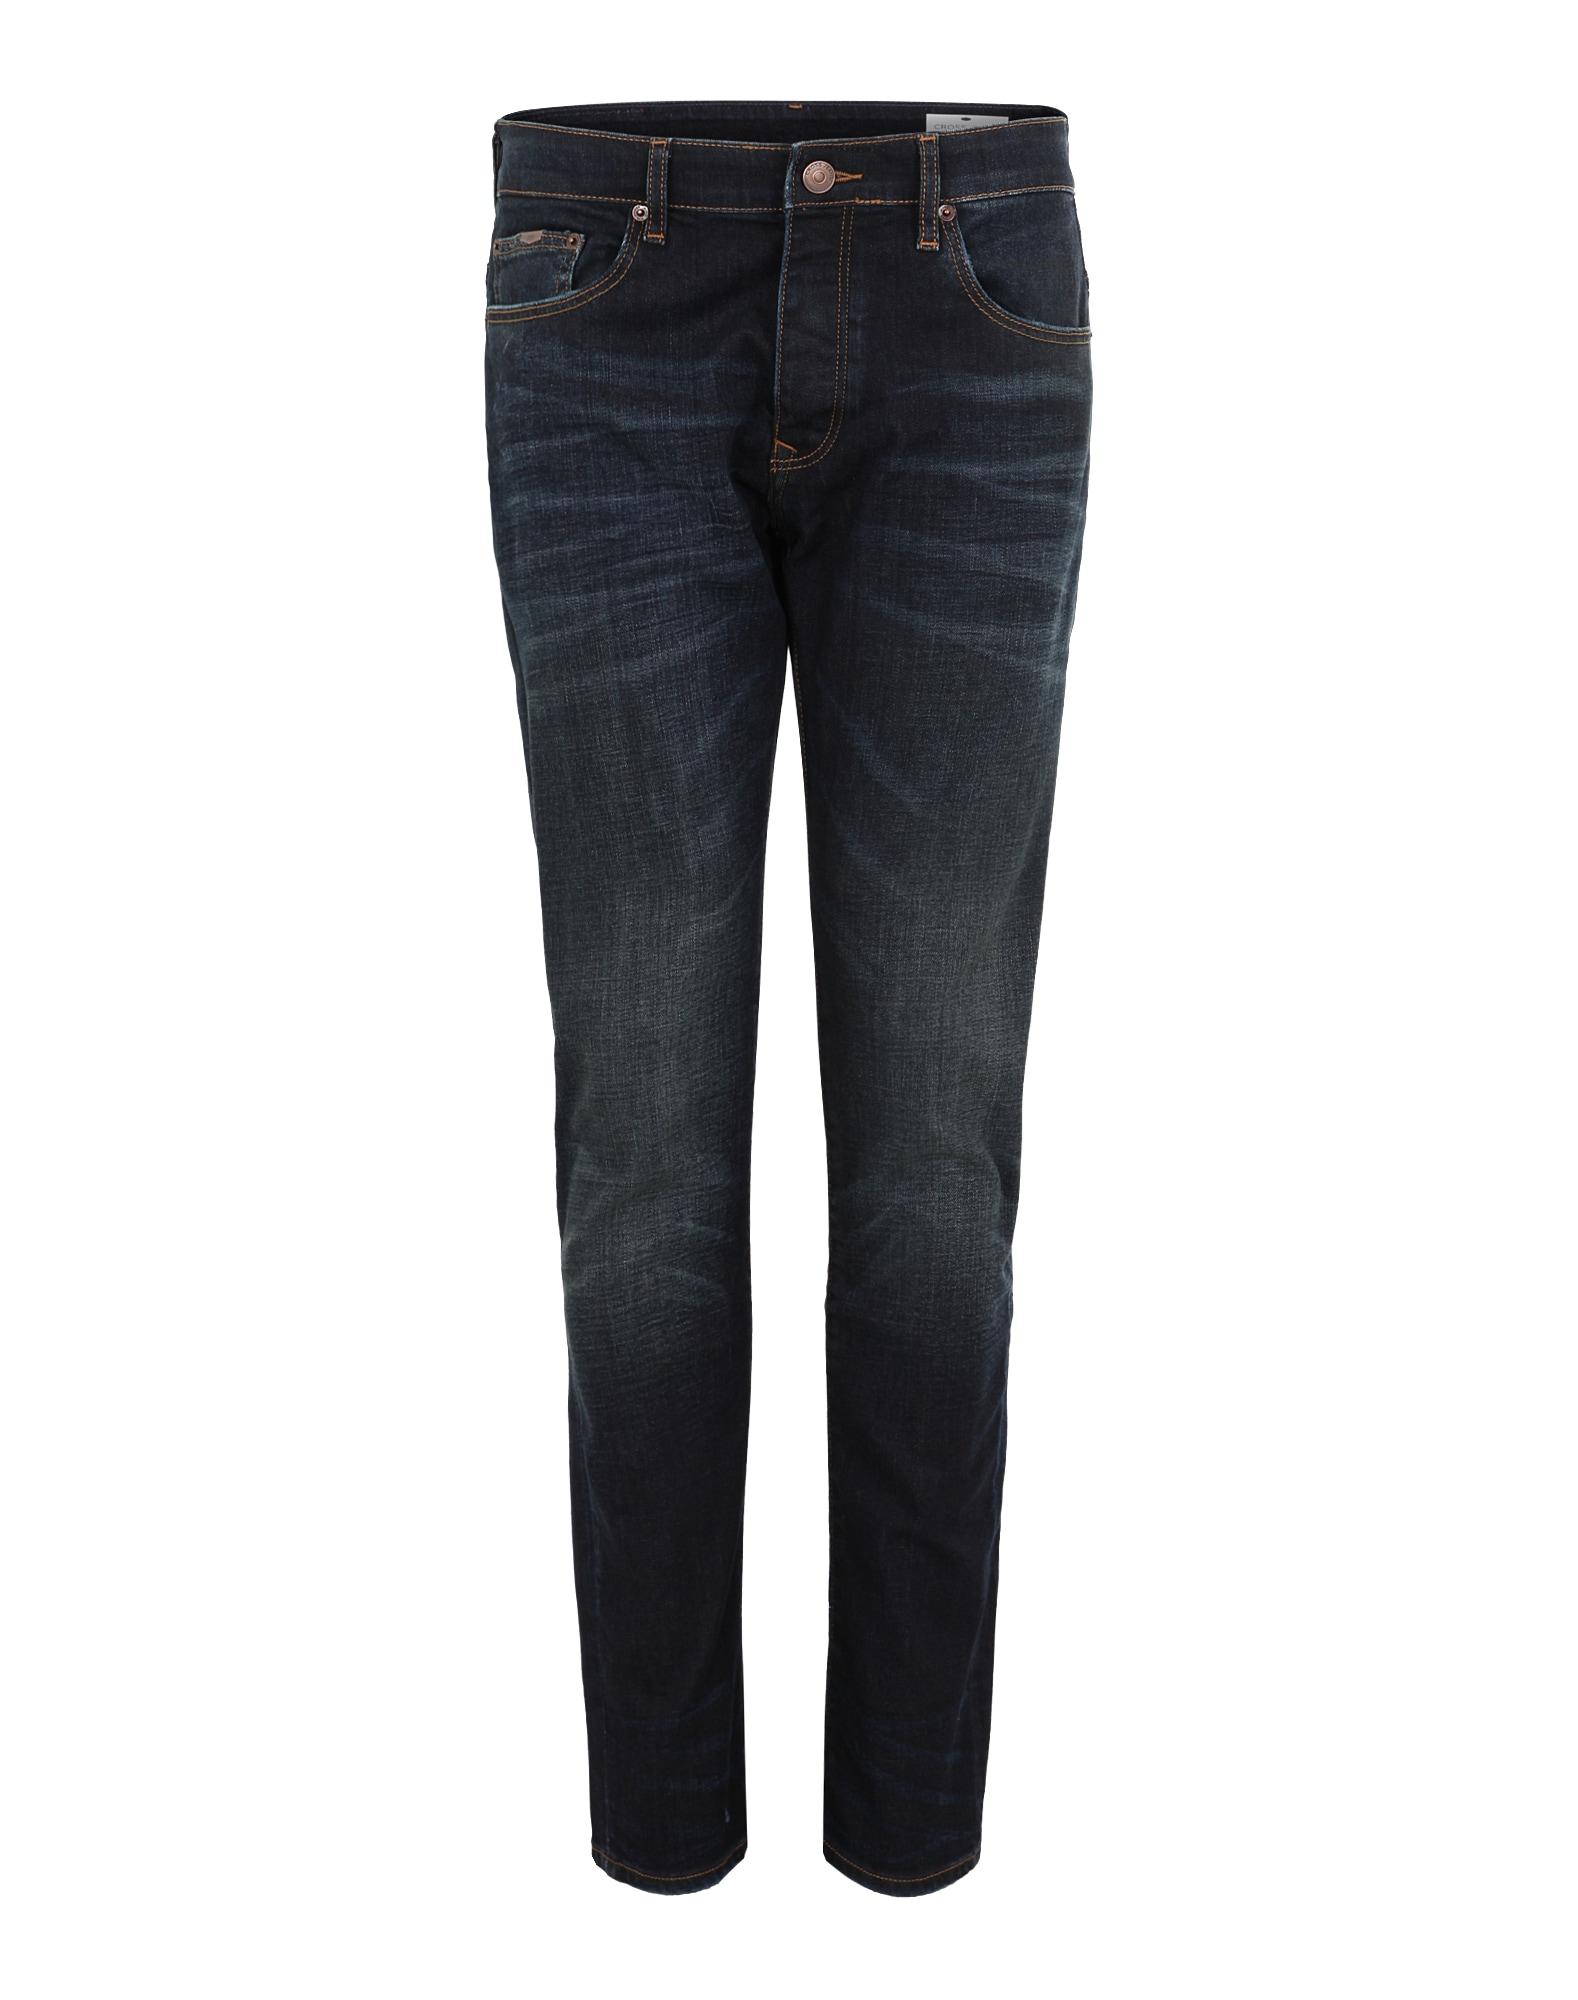 Džíny Tapered 939 modrá džínovina Cross Jeans